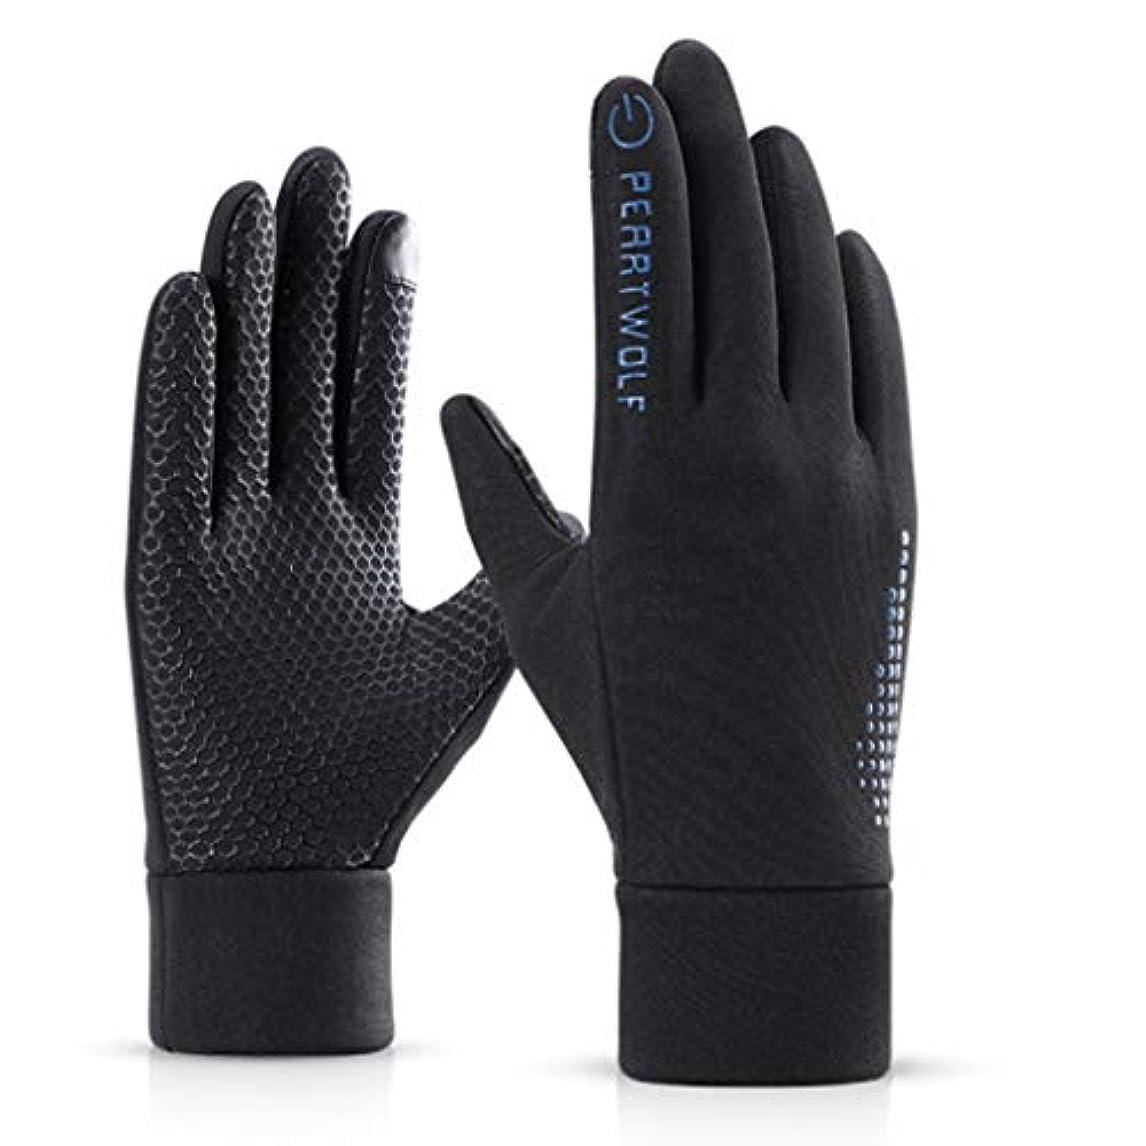 スナップ内陸先のことを考える手袋男性の冬のライディングプラスベルベット暖かい防風冷たい韓国人の学生のタッチスクリーンスポーツメンズ手袋